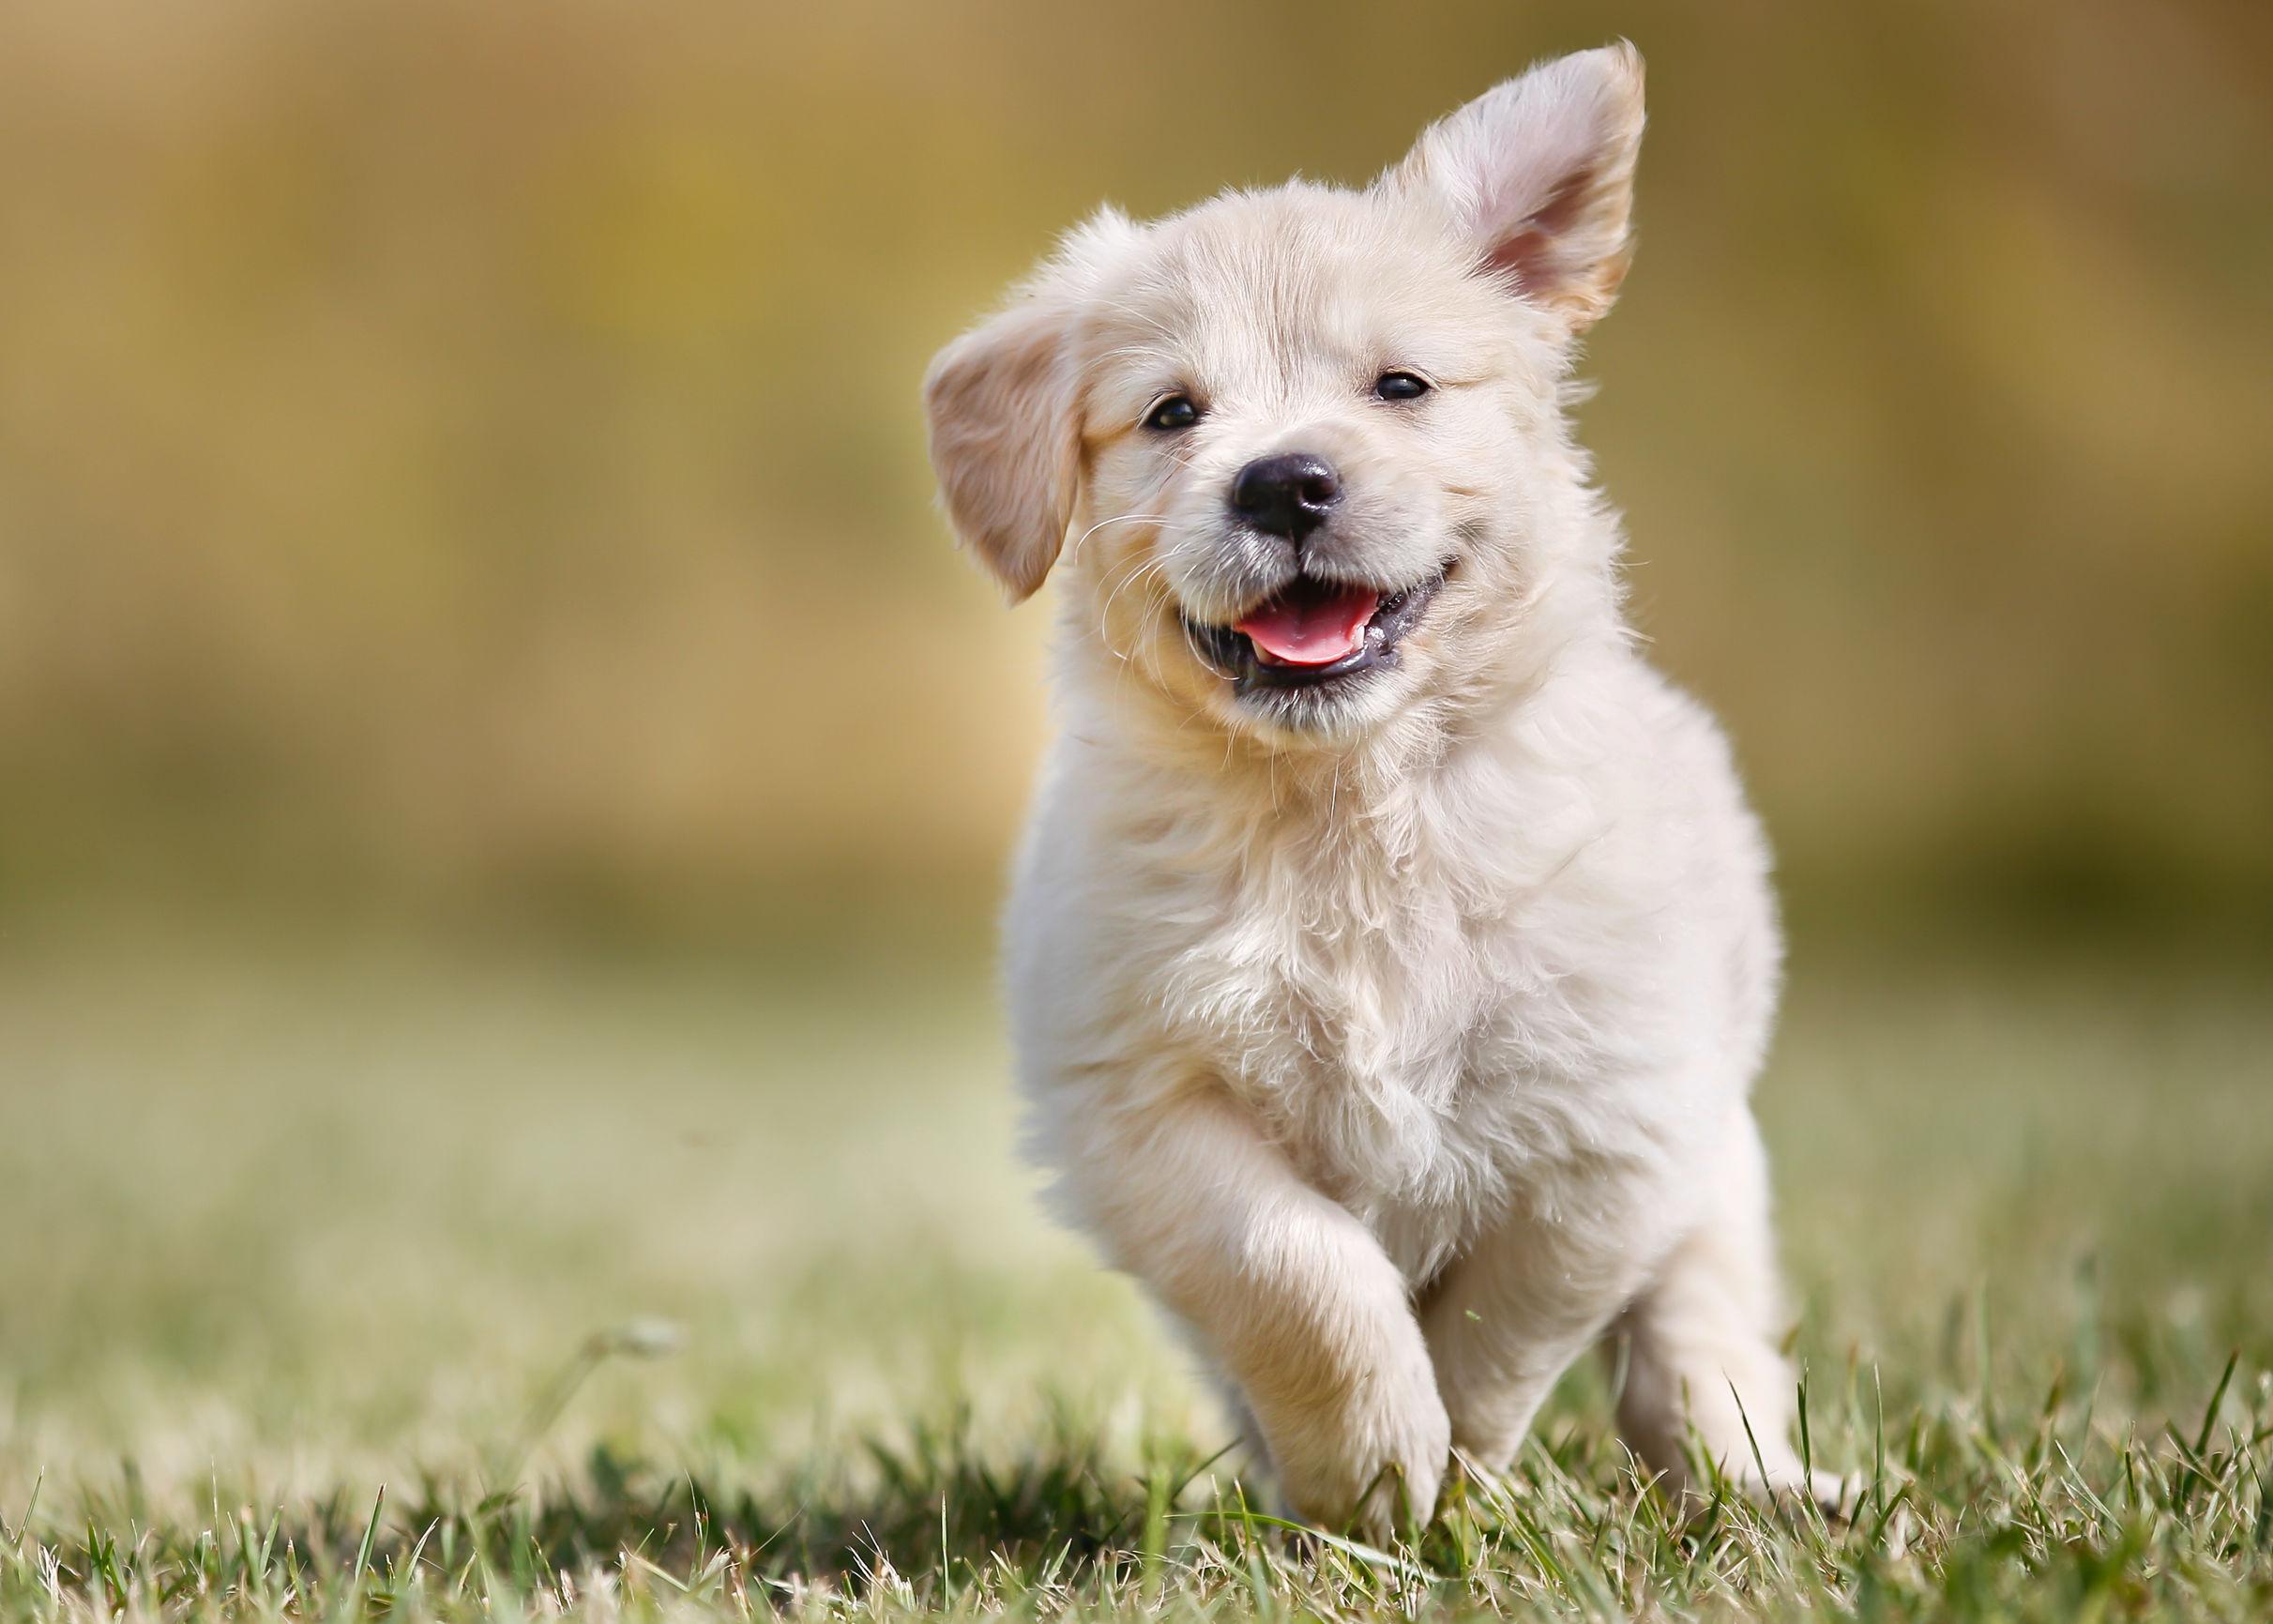 Miglior antiparassitario per cani in compresse 2021: Guida all'acquisto